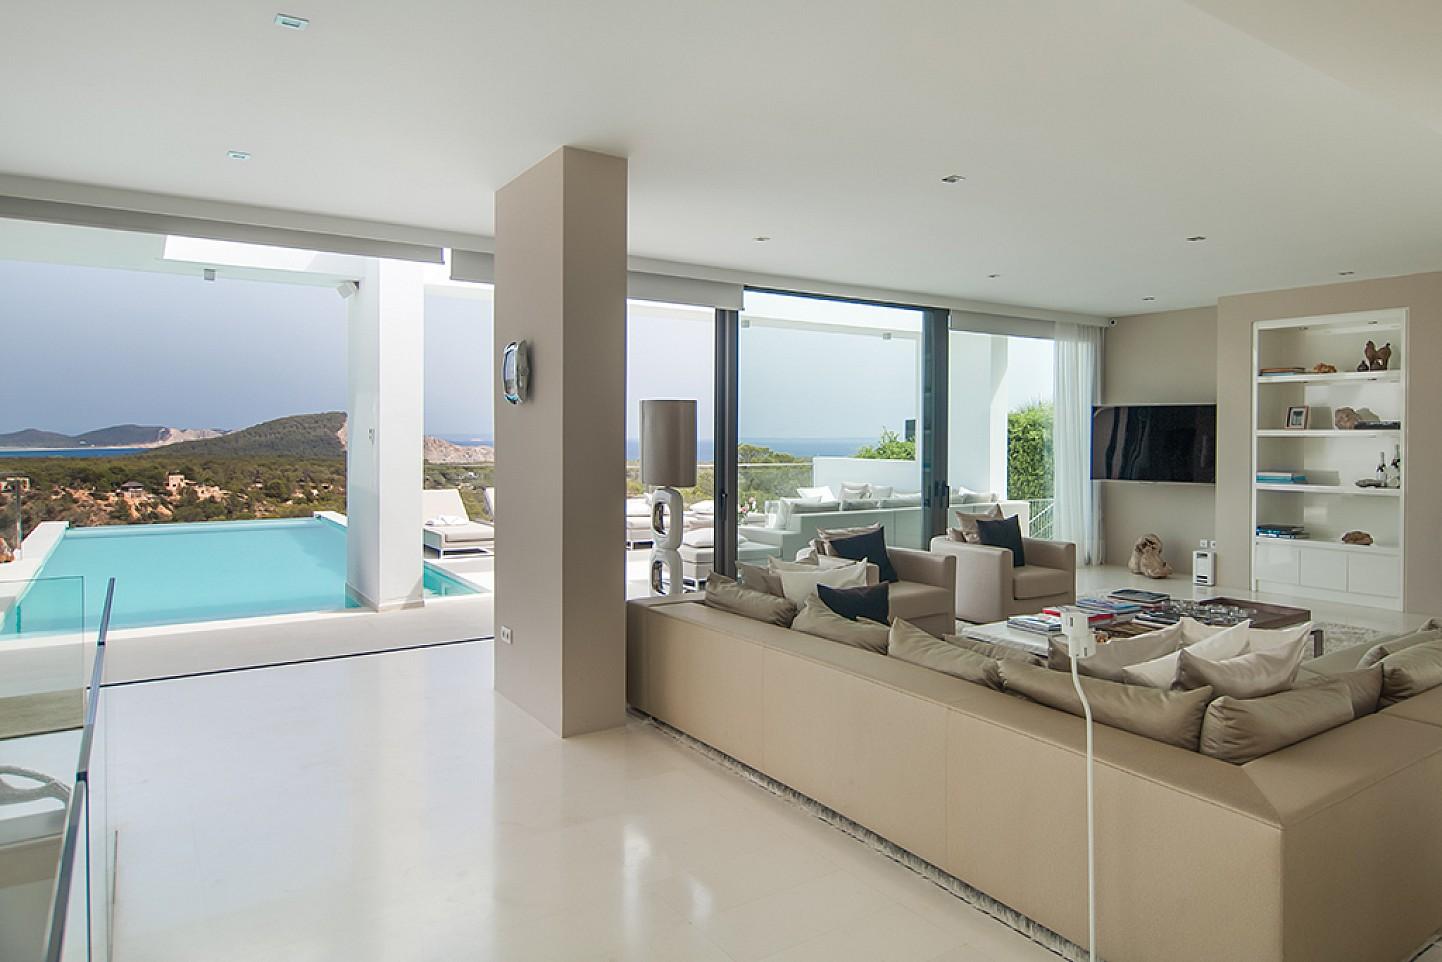 Saló i piscina d'una impressionant vila de luxe en lloguer a Es Cubells, Eivissa